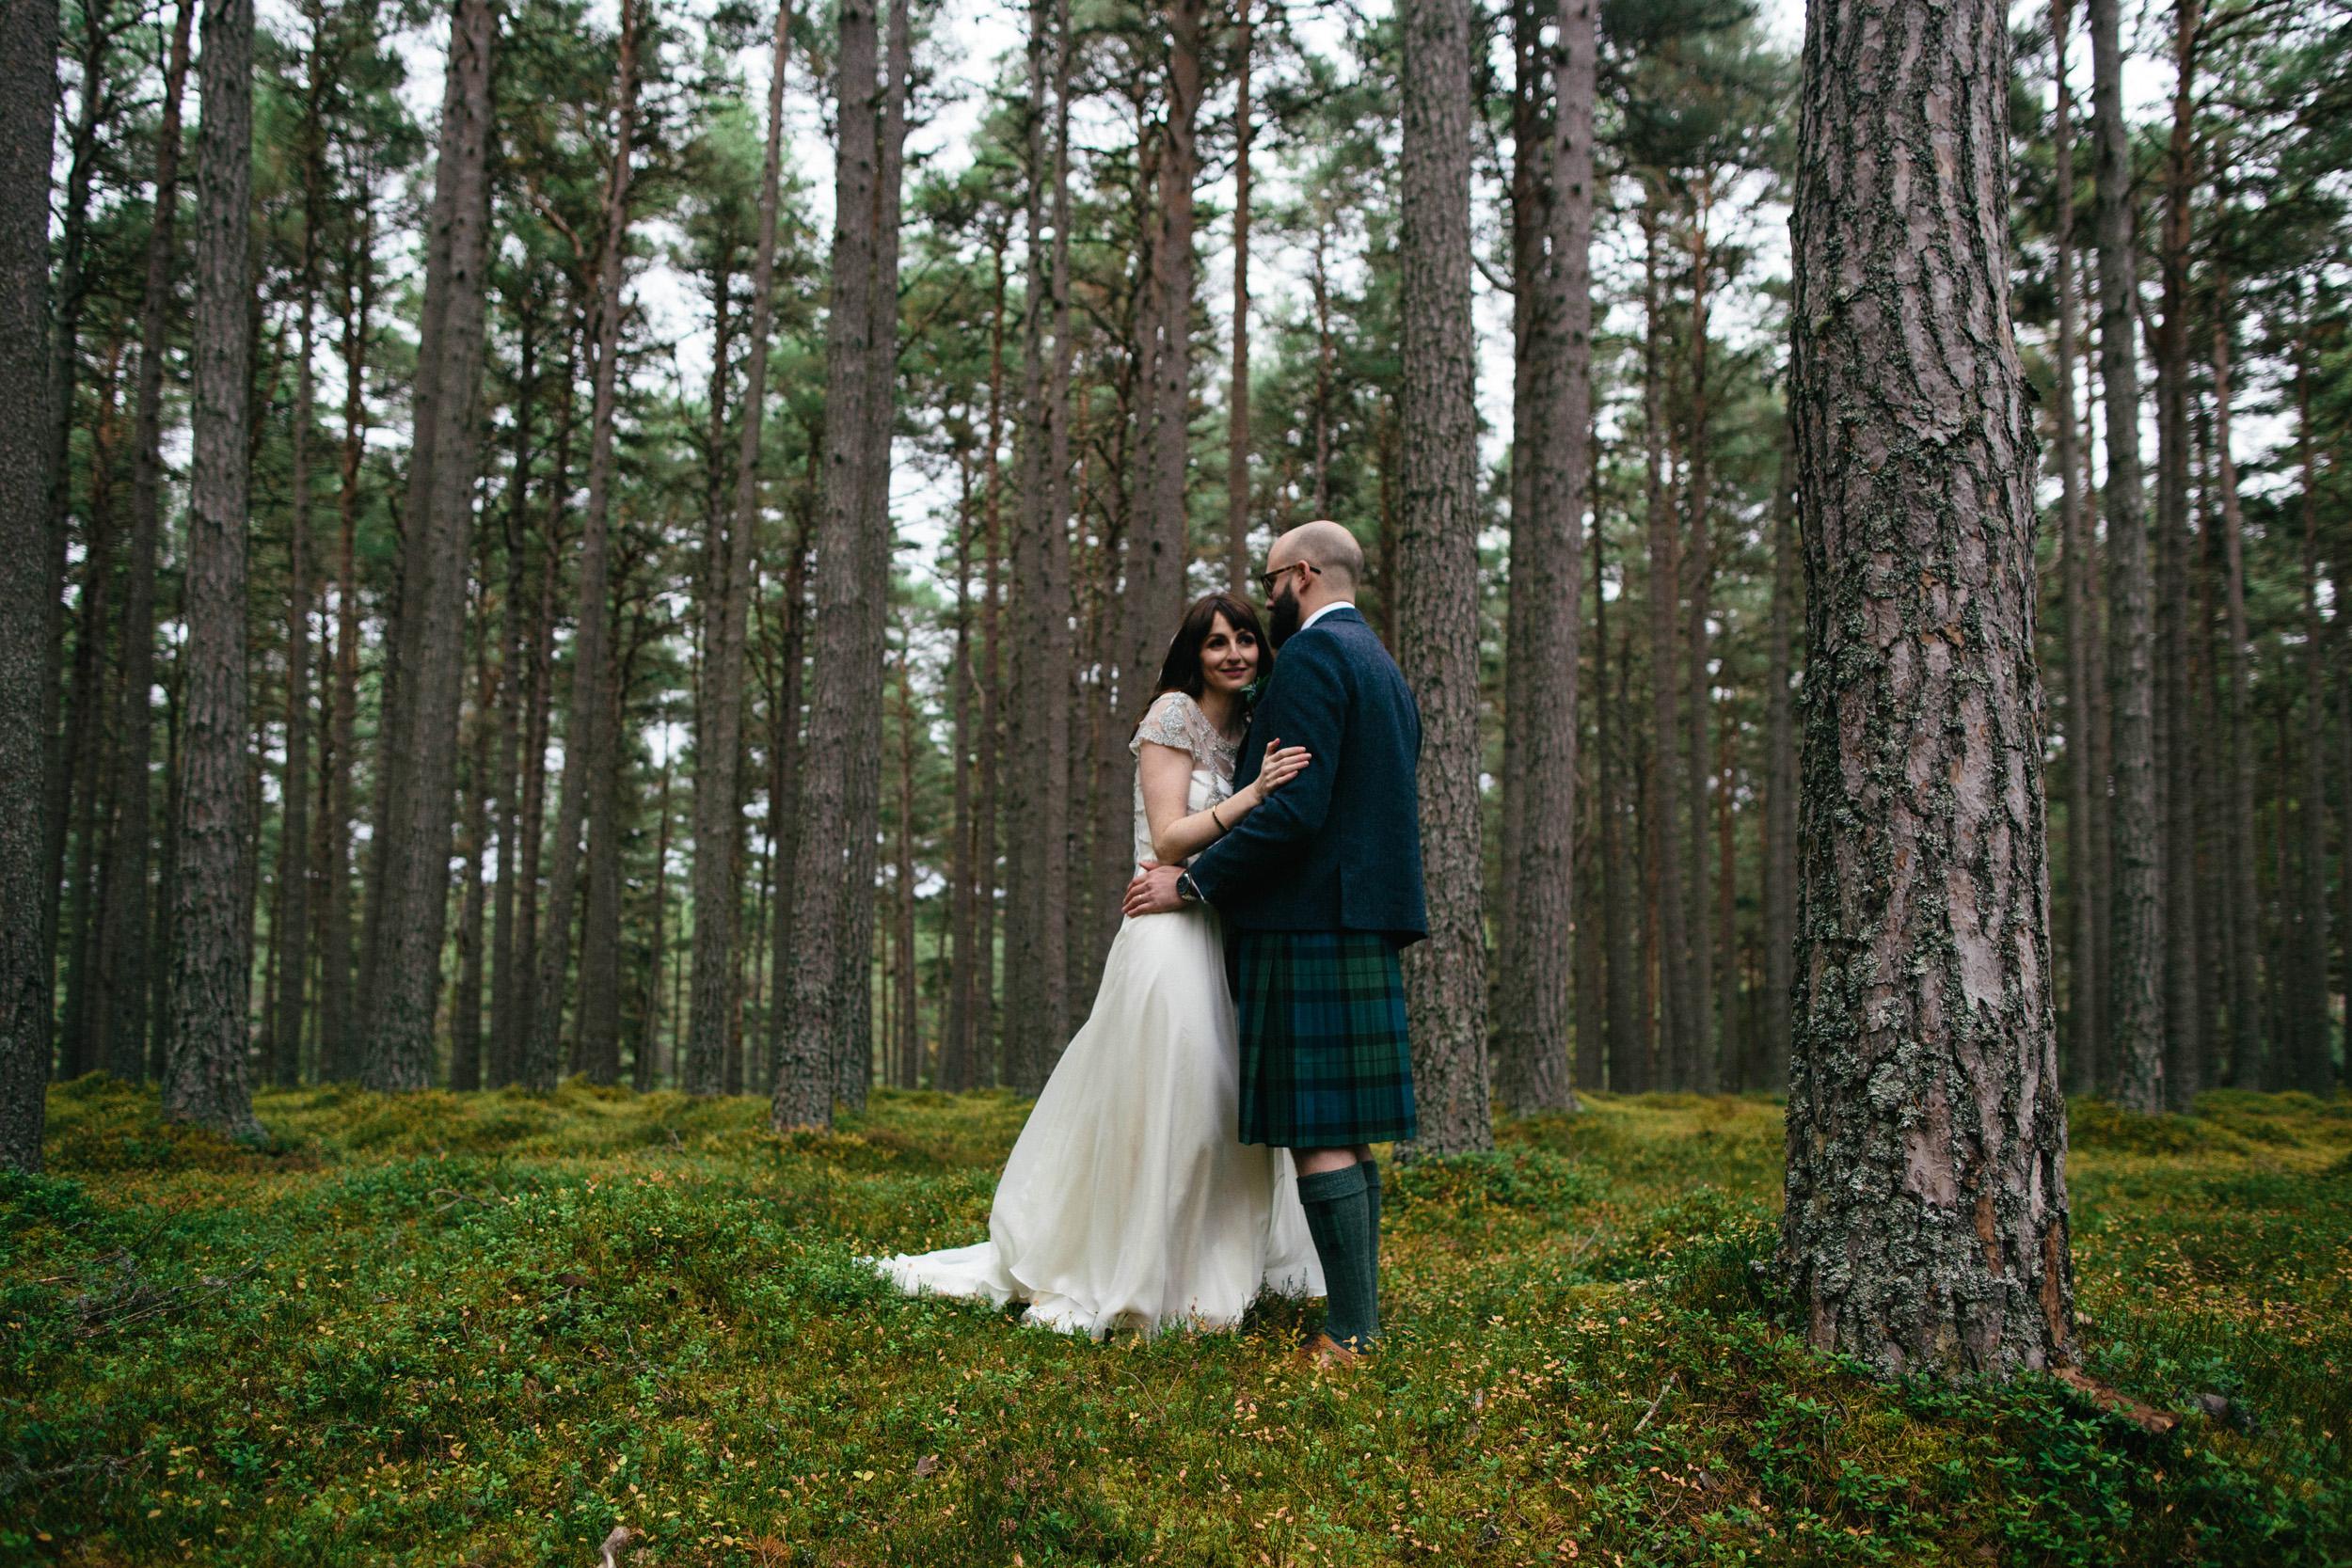 Natural Wedding Photography Aberdeen Braemar 067.jpg